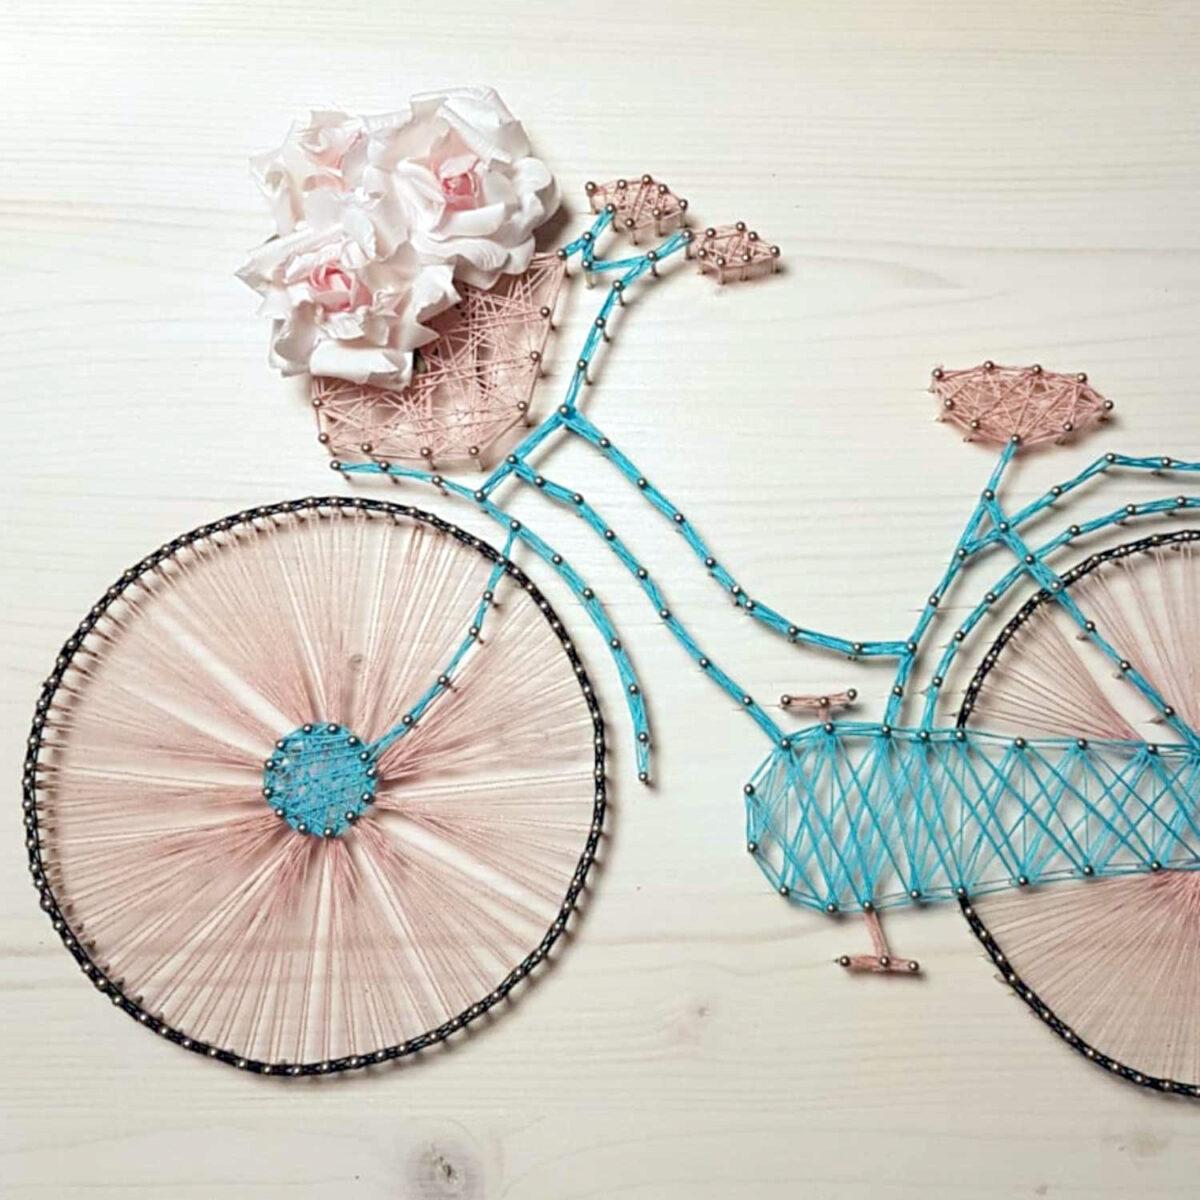 fadenbild_0136_Fahrrad_4